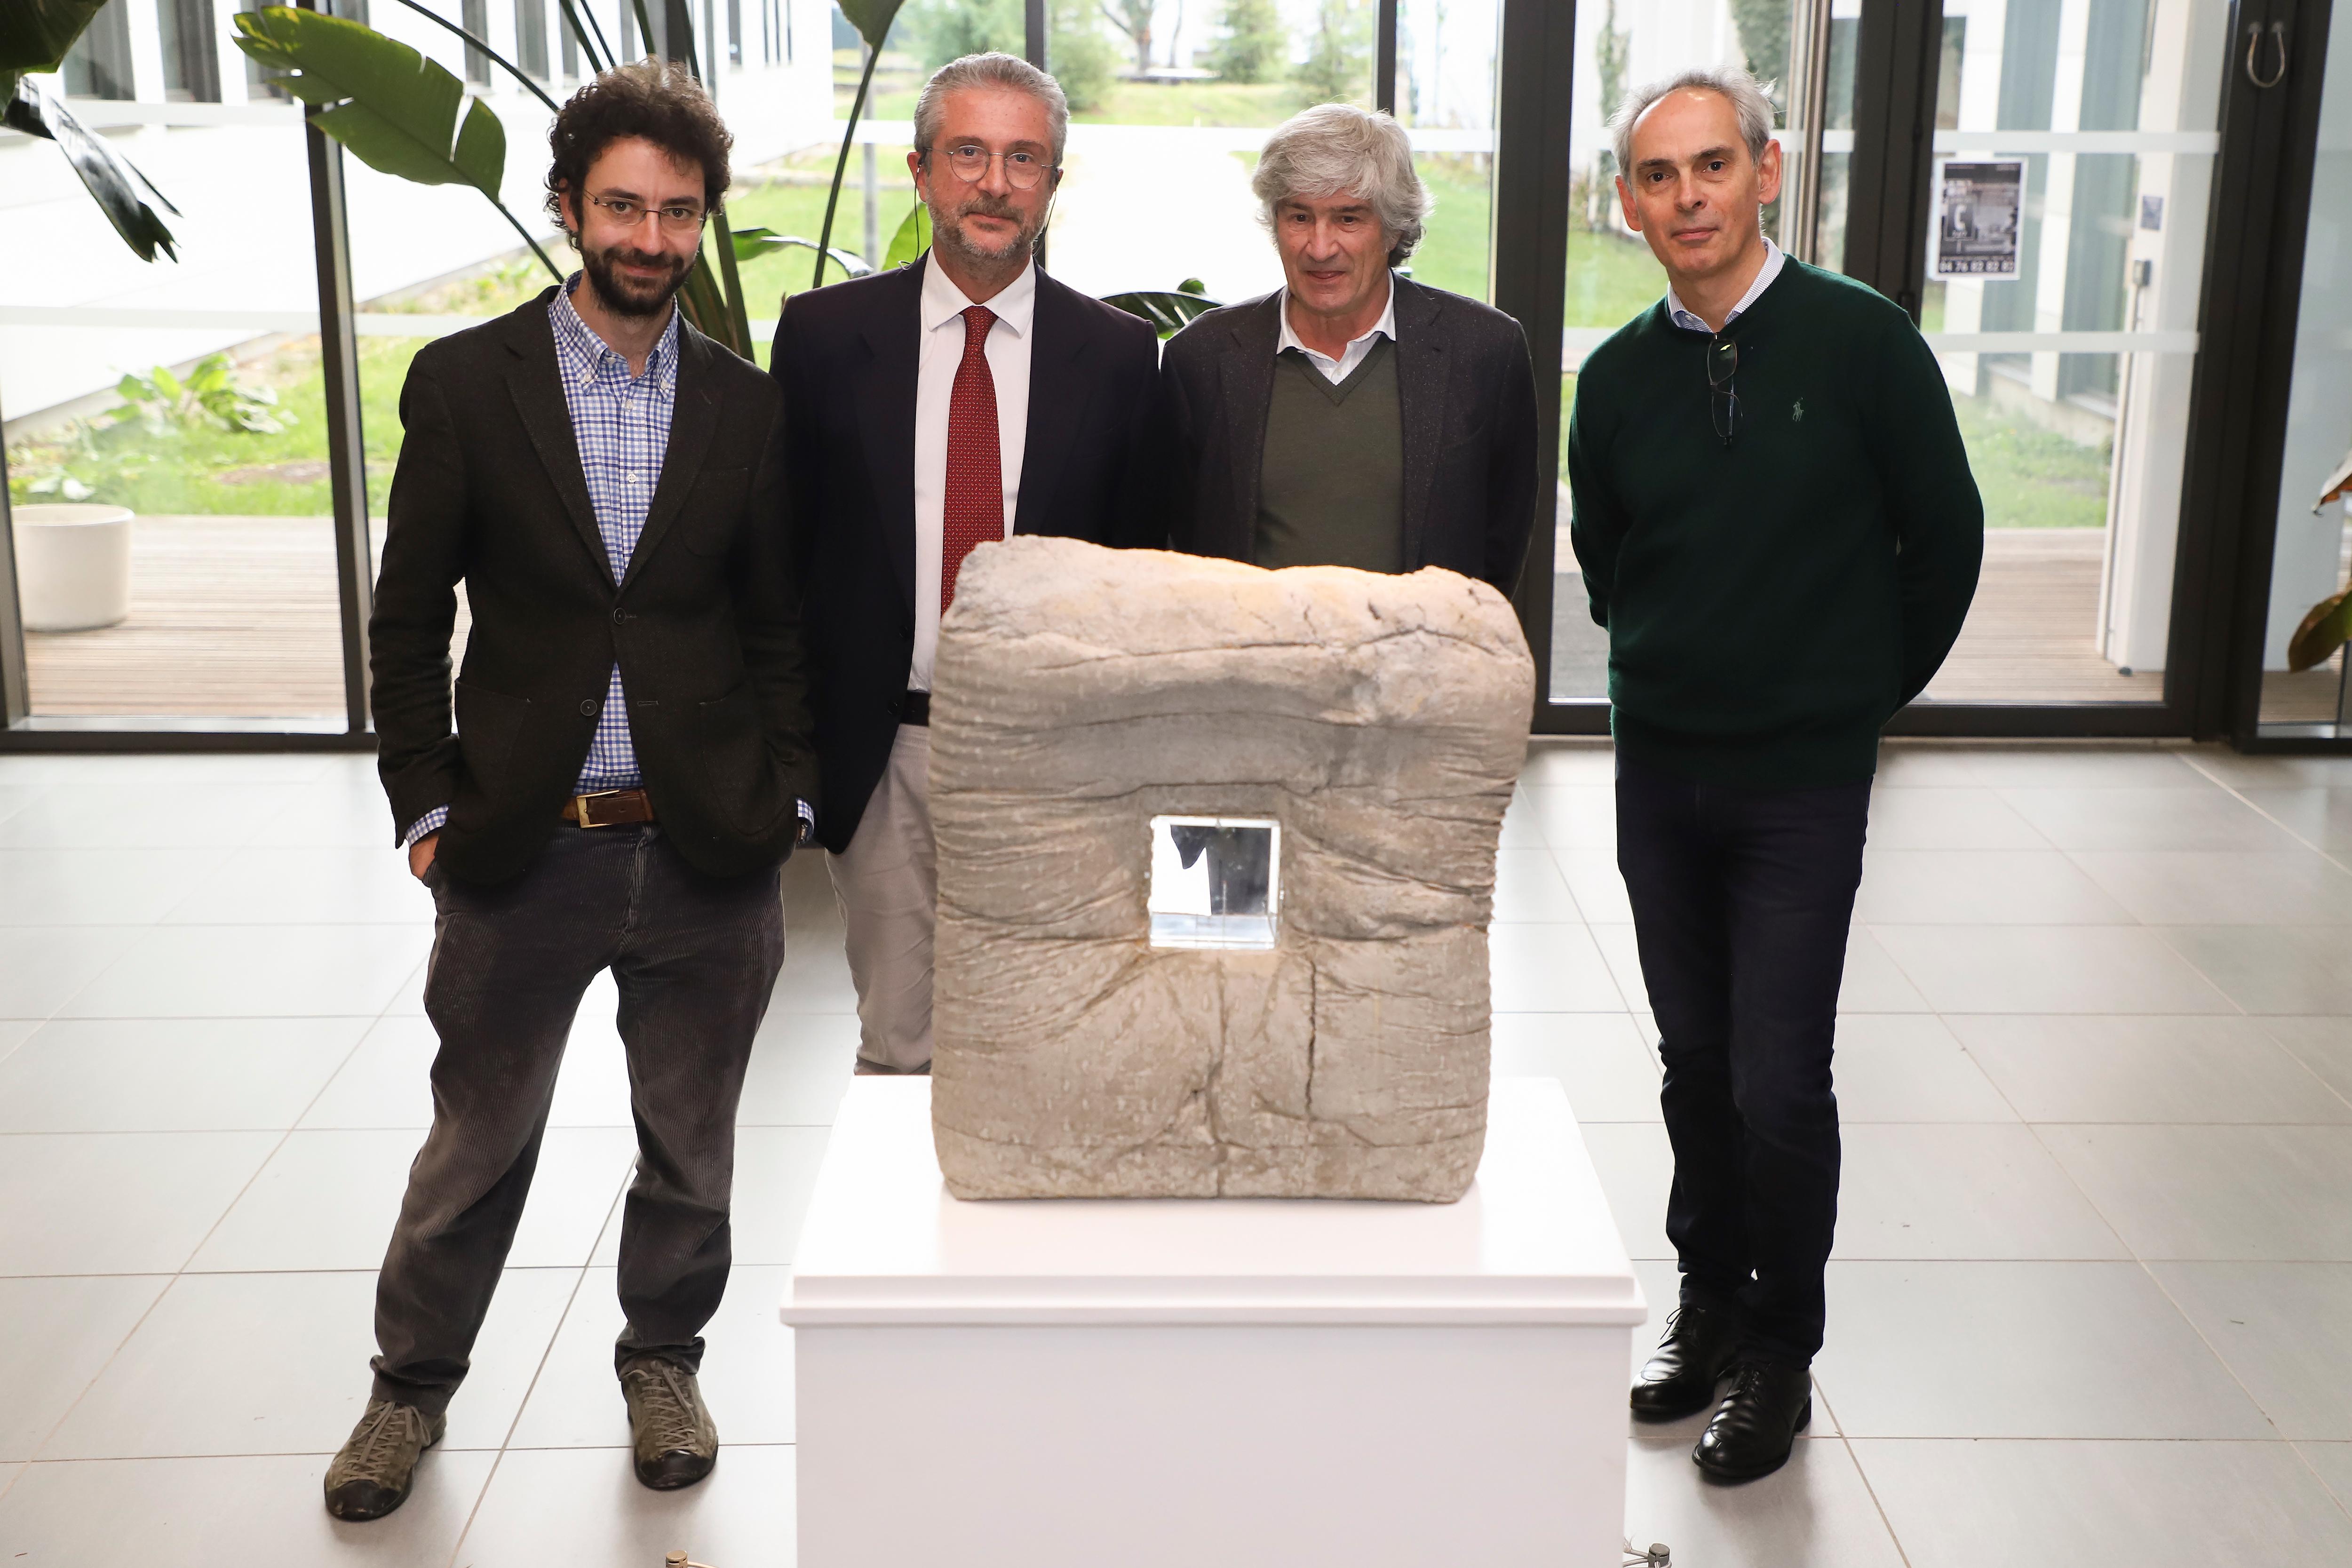 Giuseppe Penone entouré des chercheurs Edward Andò, Cino Viggiani et Joël Chevrier